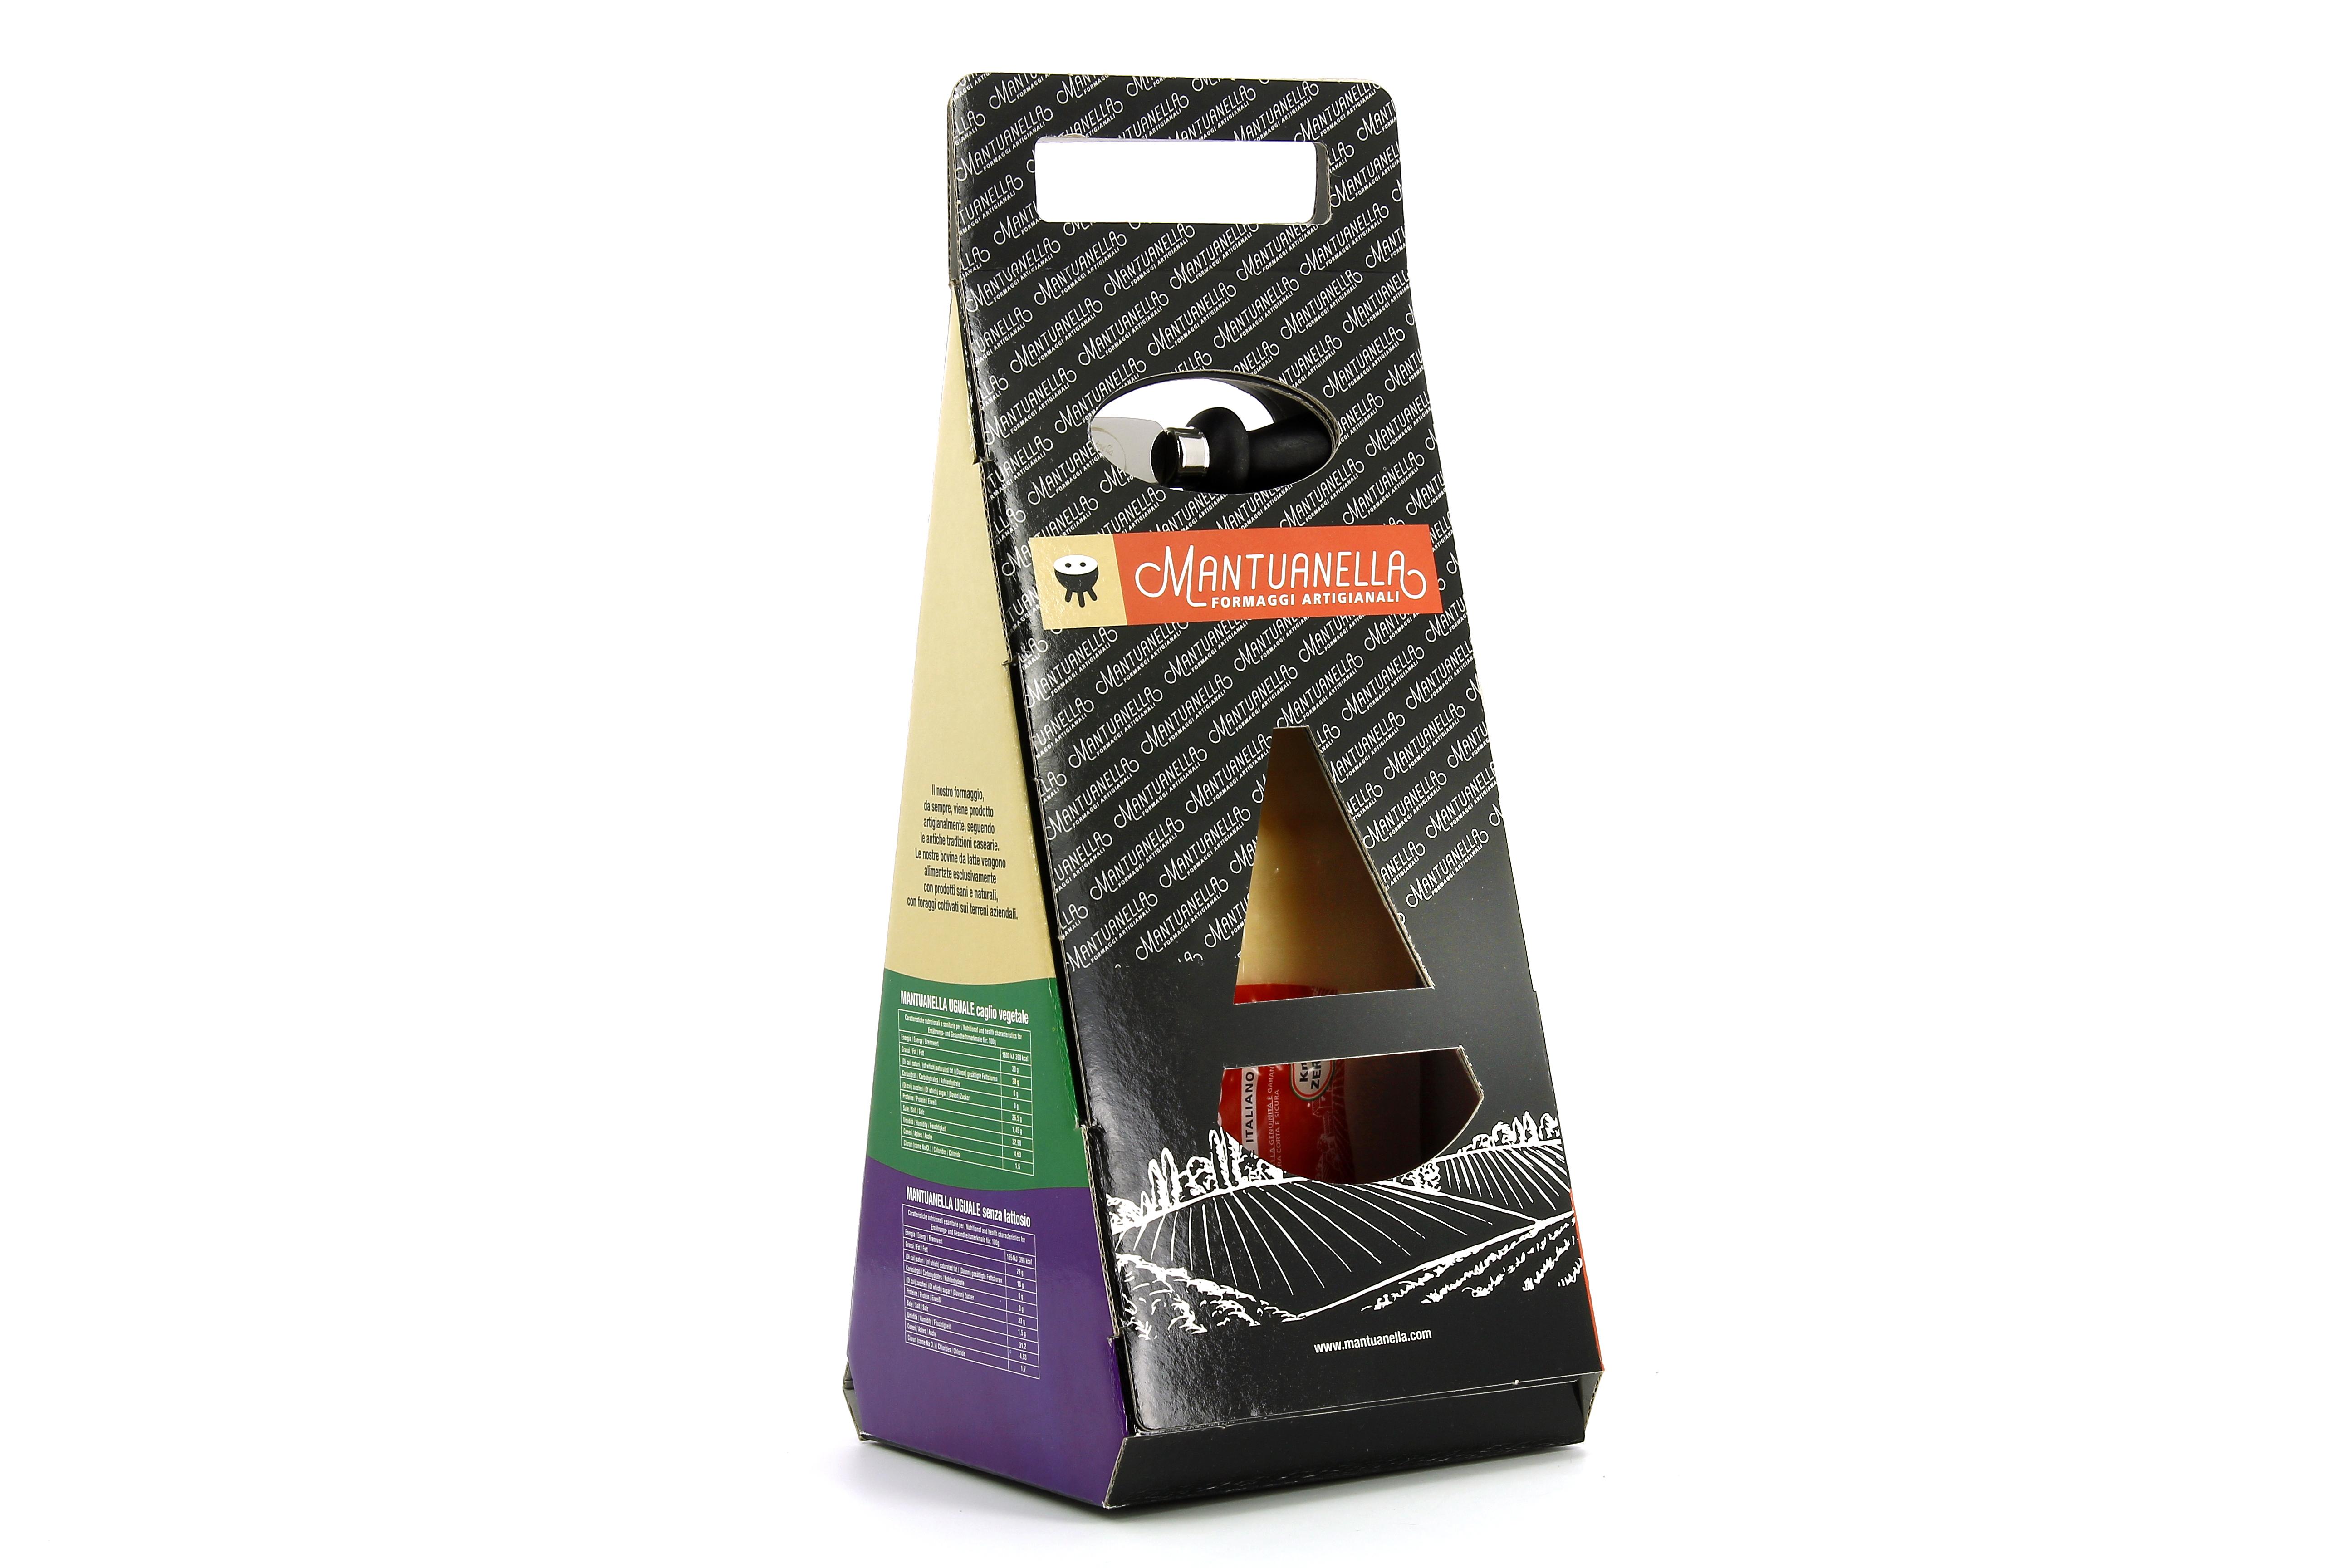 MANTUANELLA CLASSICO - triangolo regalo 1 kg sottovuoto (peso variabile)